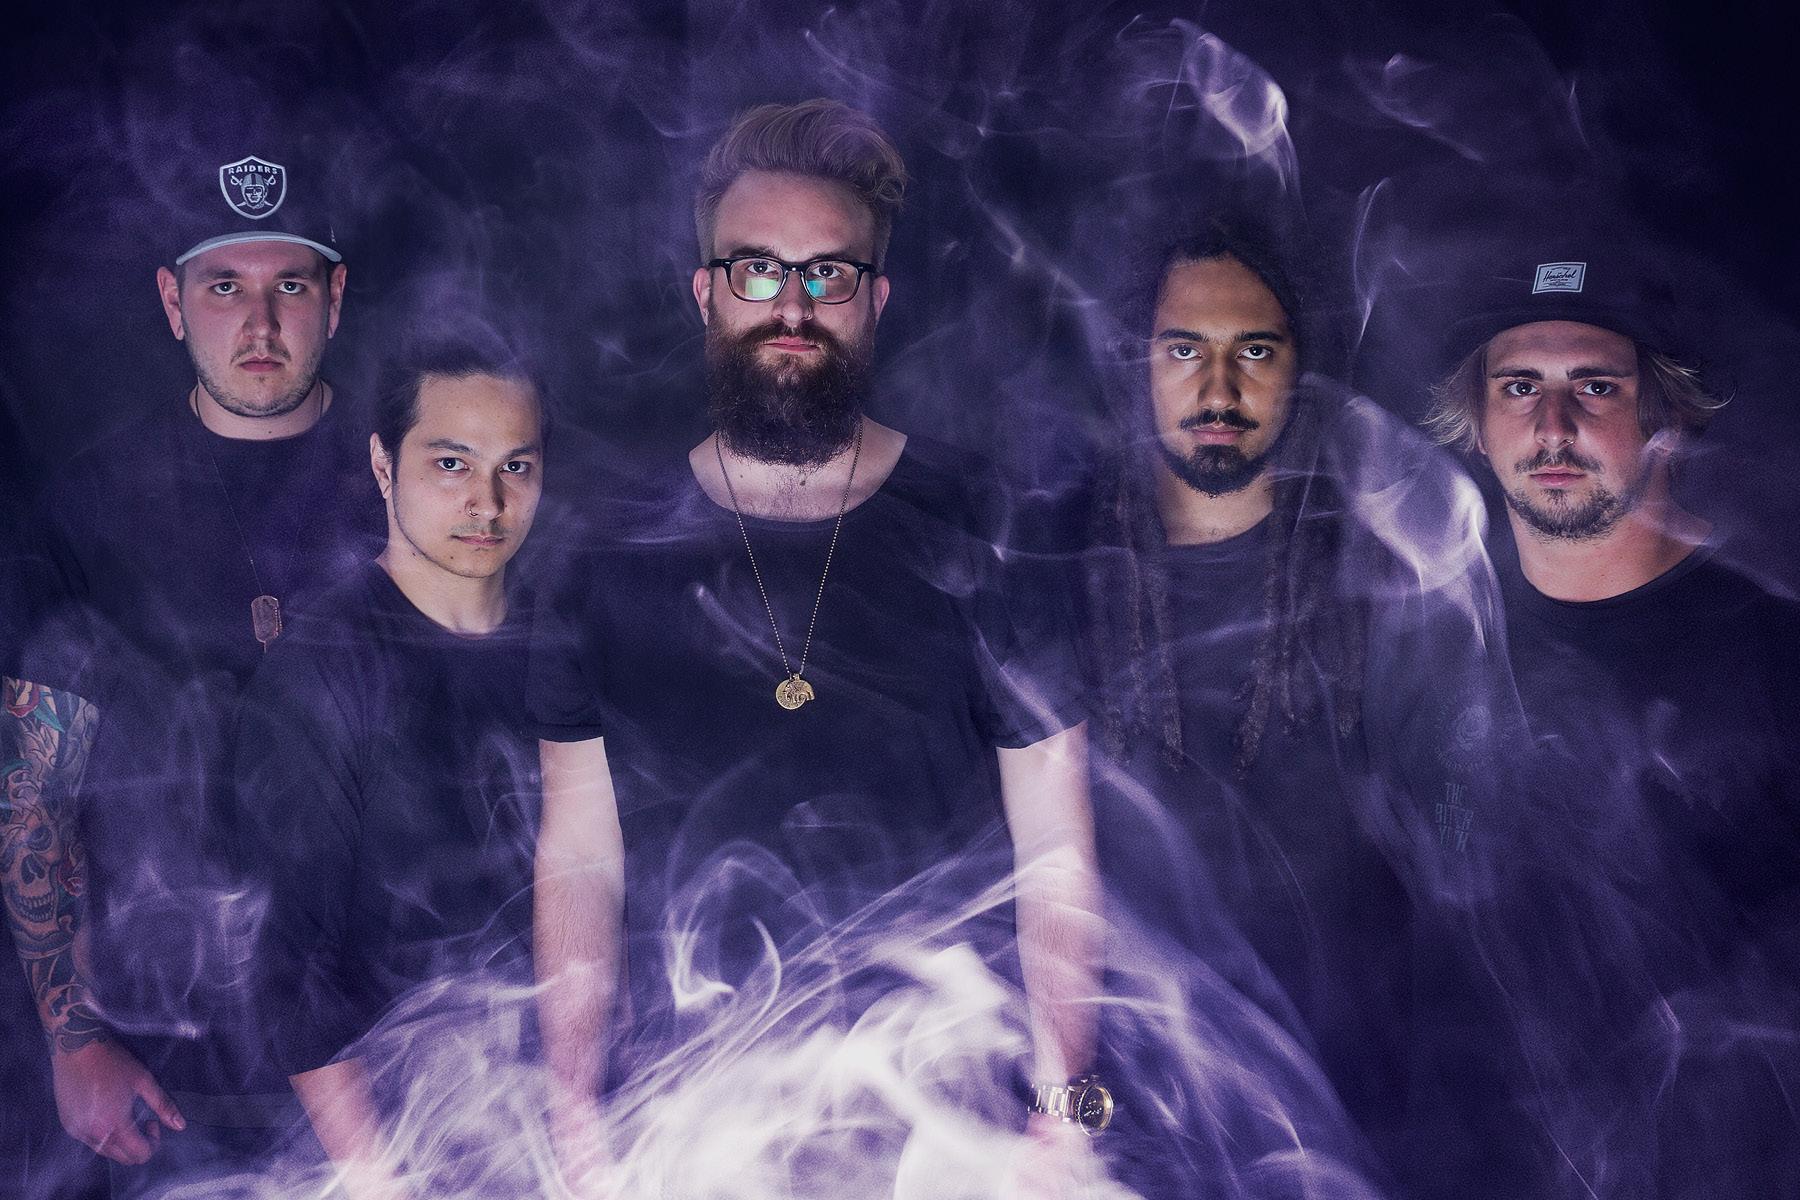 Die deutsche Metalcore-Band Pathways.